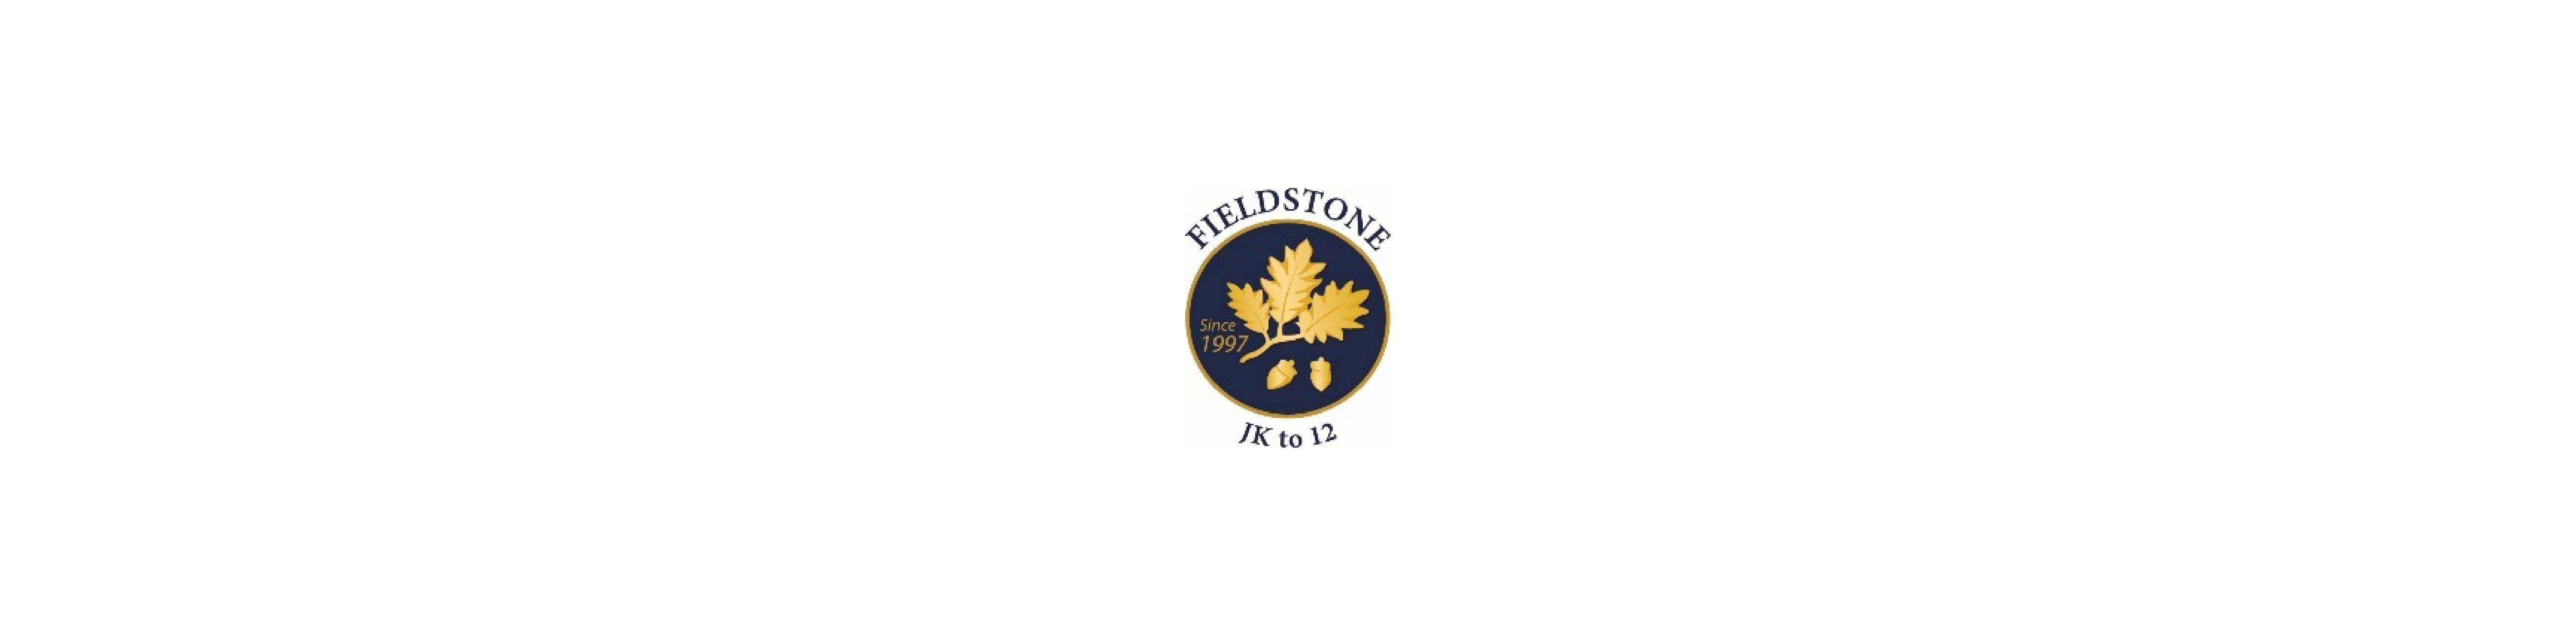 fieldstone